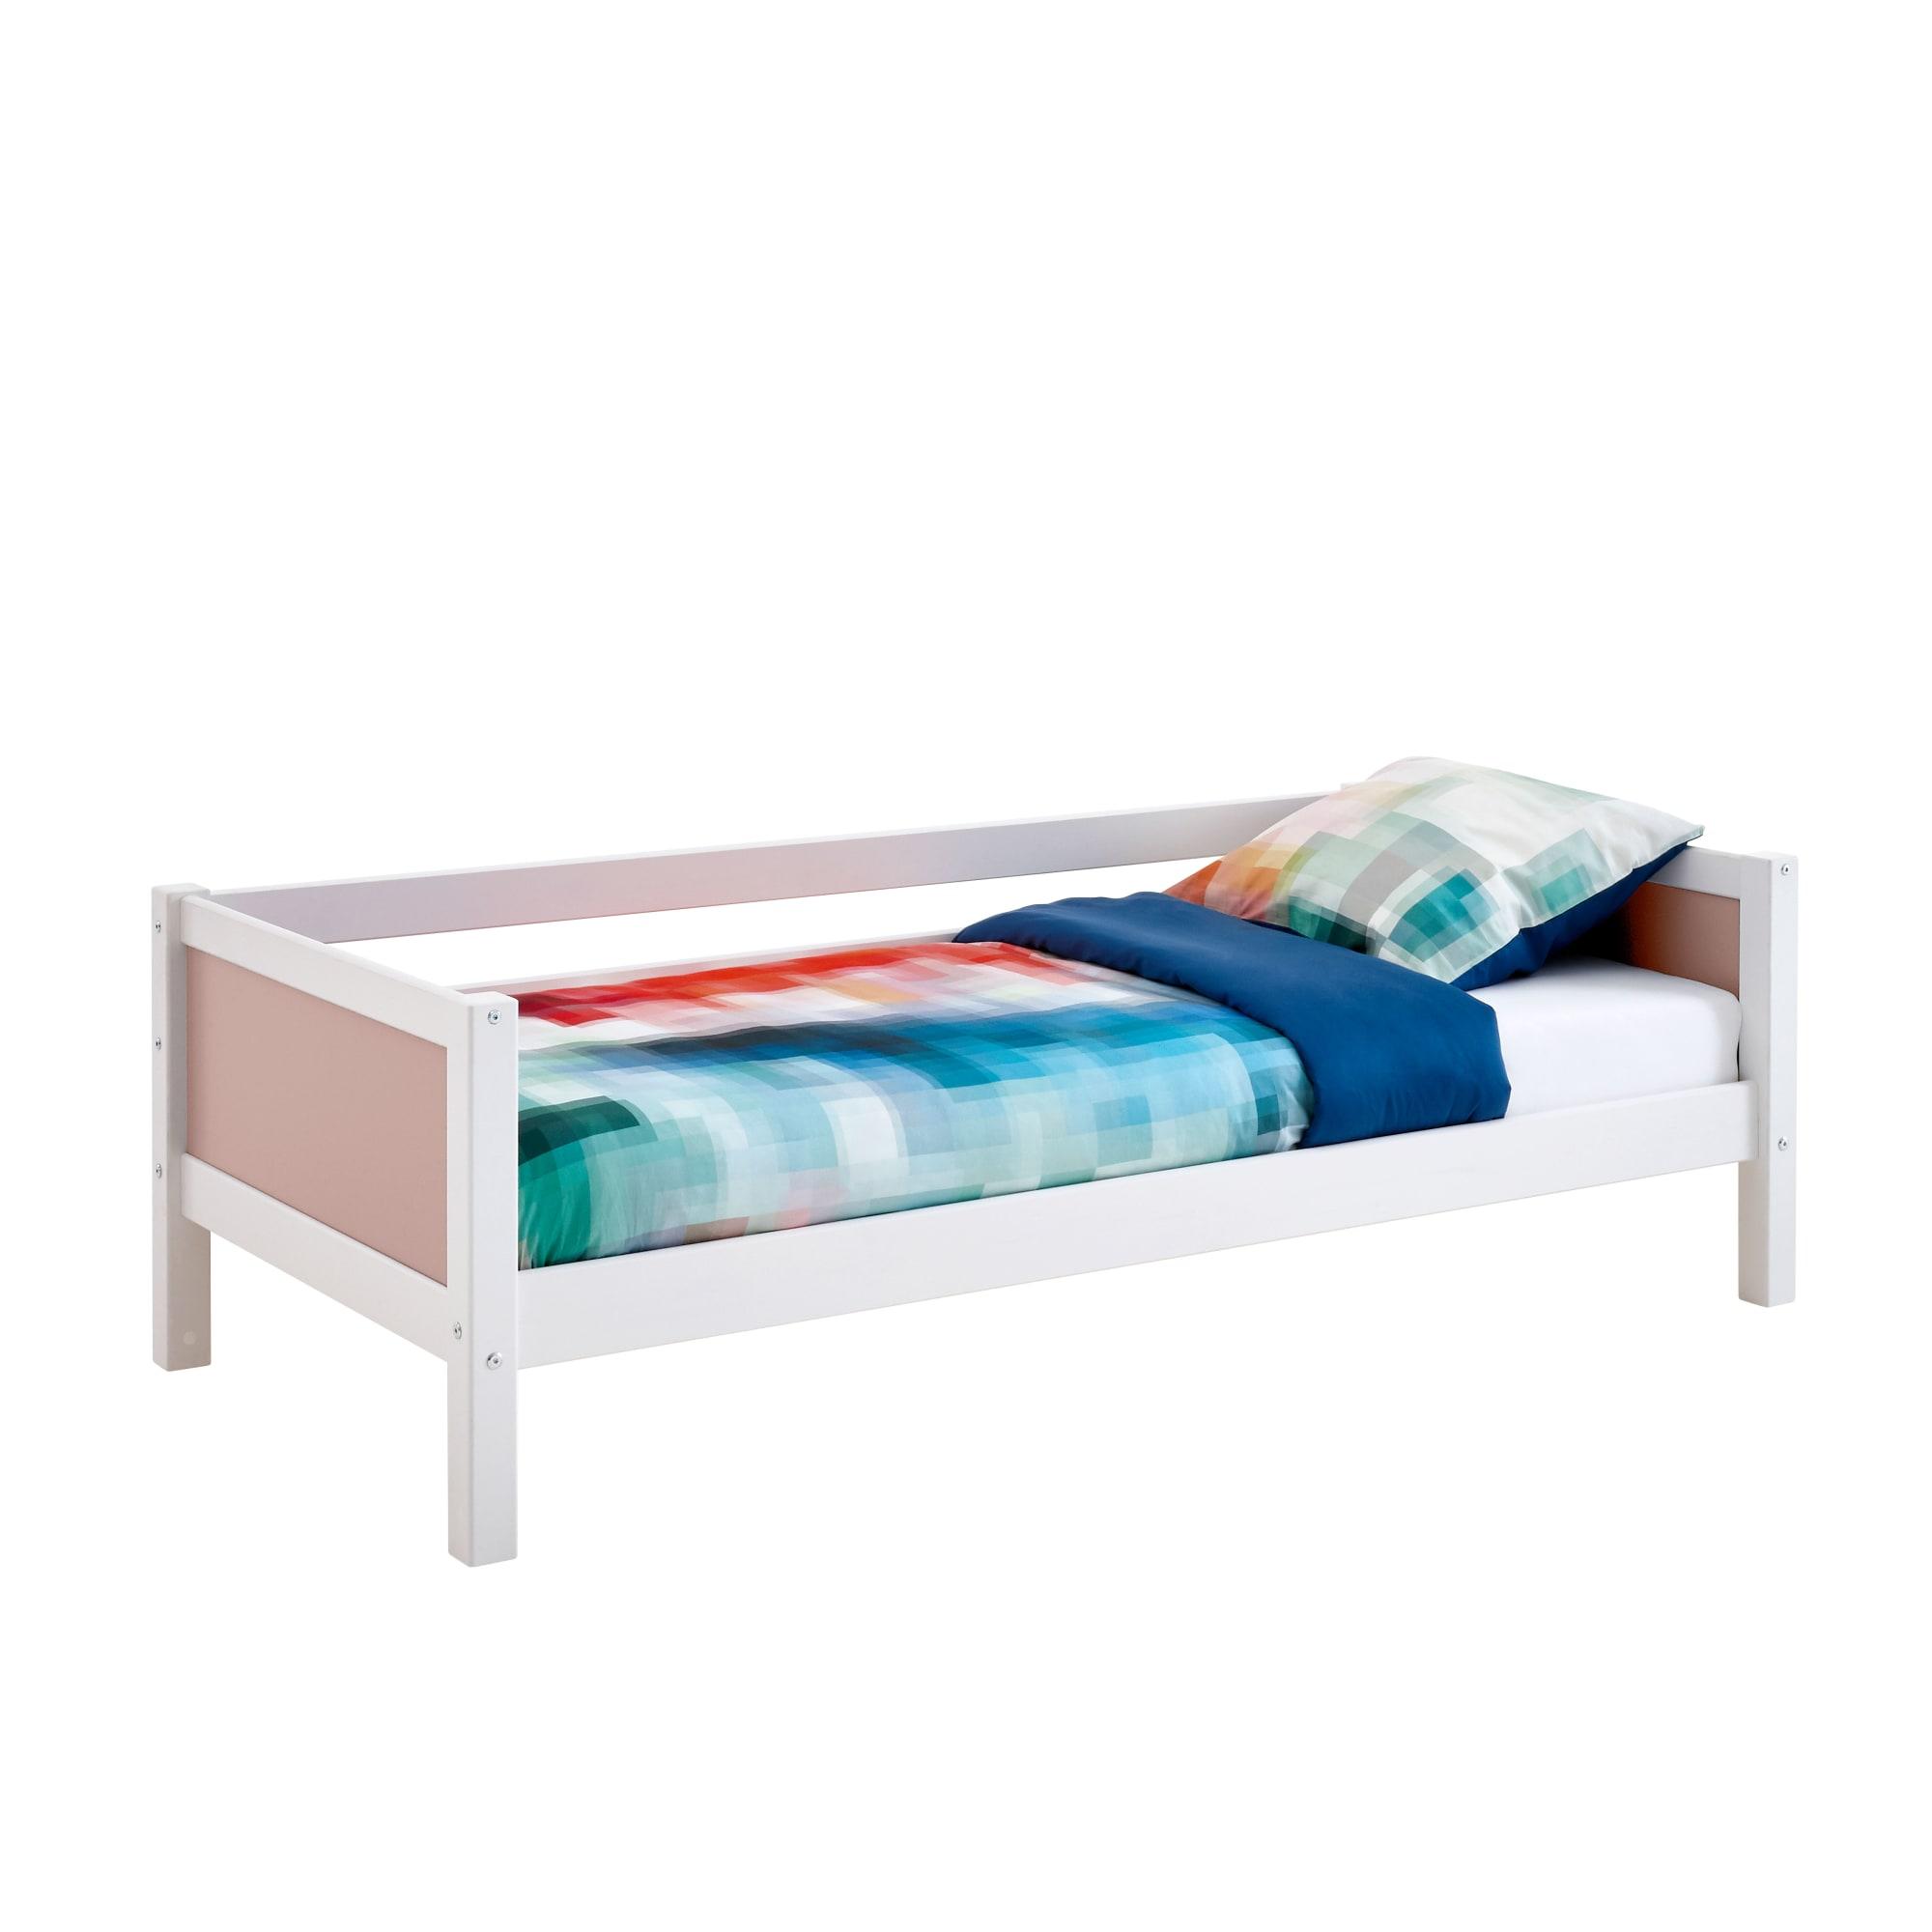 90 x 200 cm - Med sengehest til den ene side og rosafarvede gavle